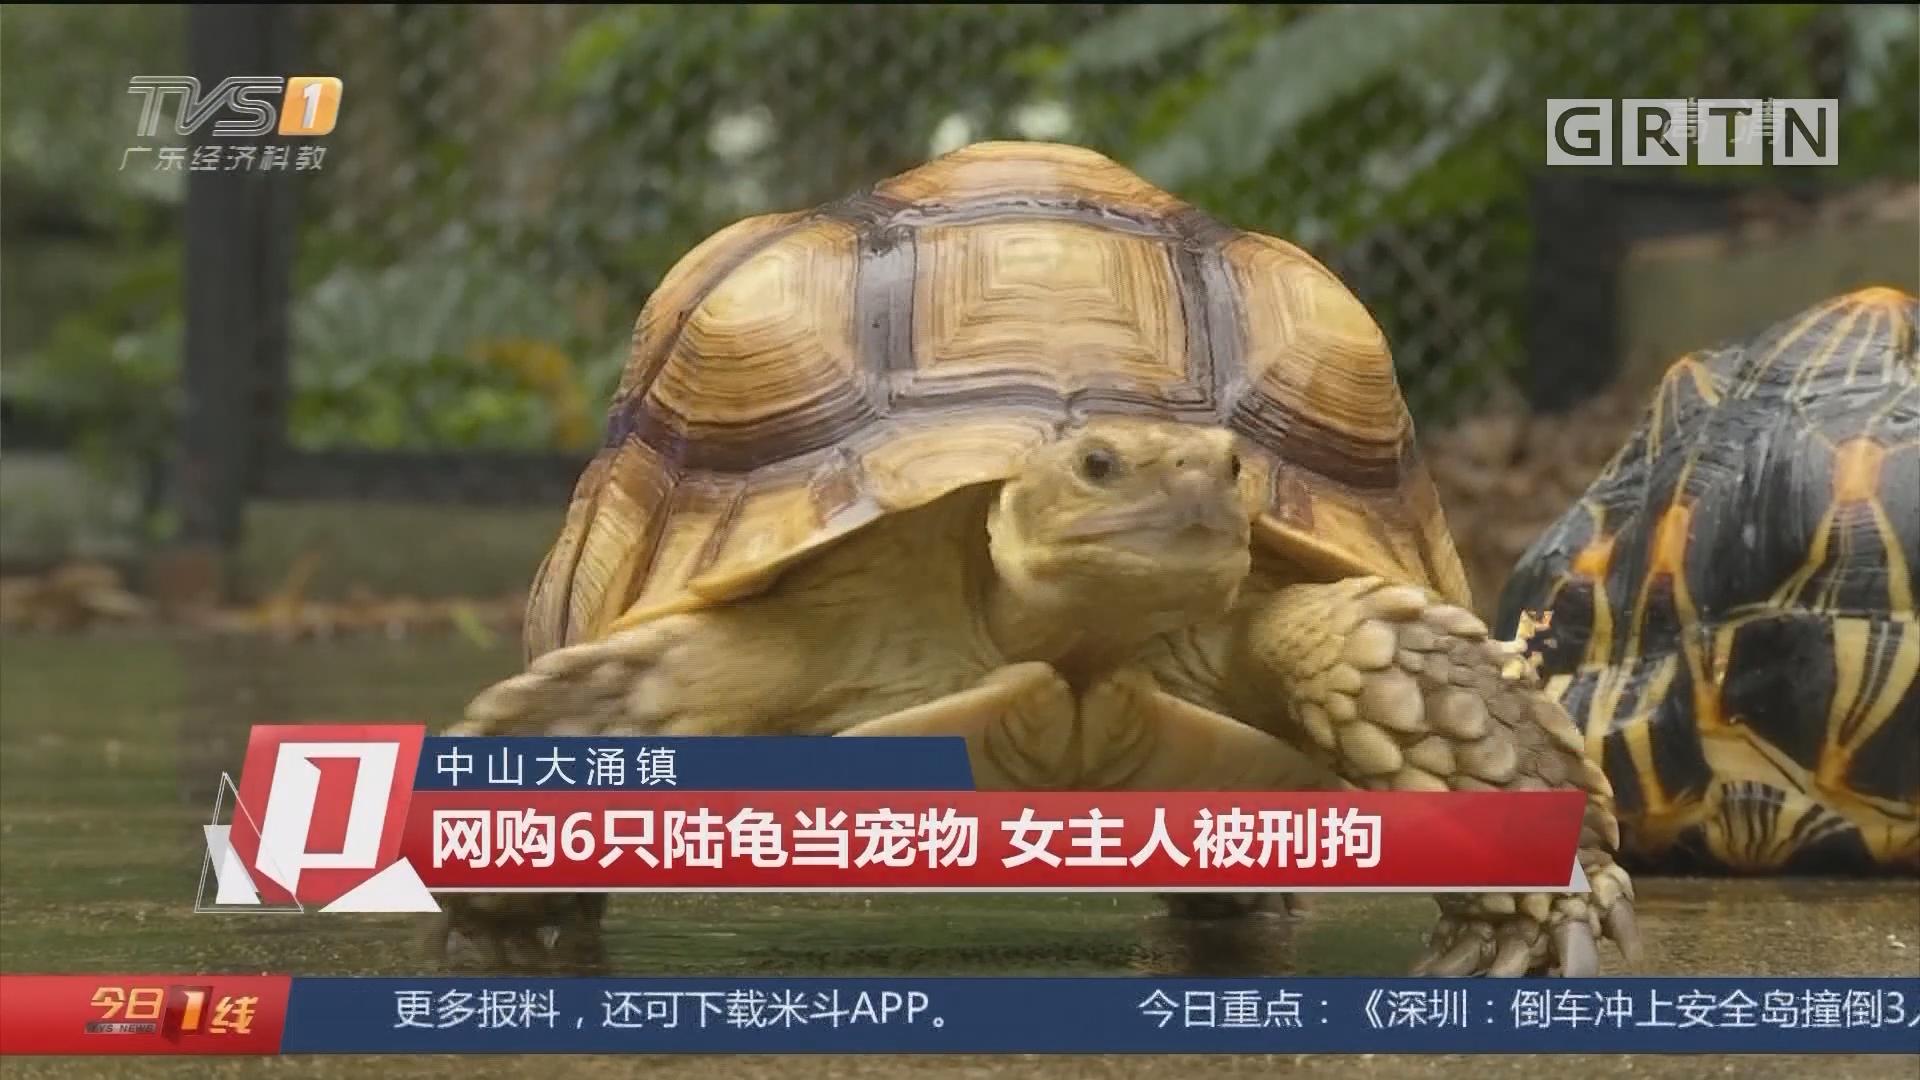 中山大涌镇:网购6只陆龟当宠物 女主人被刑拘